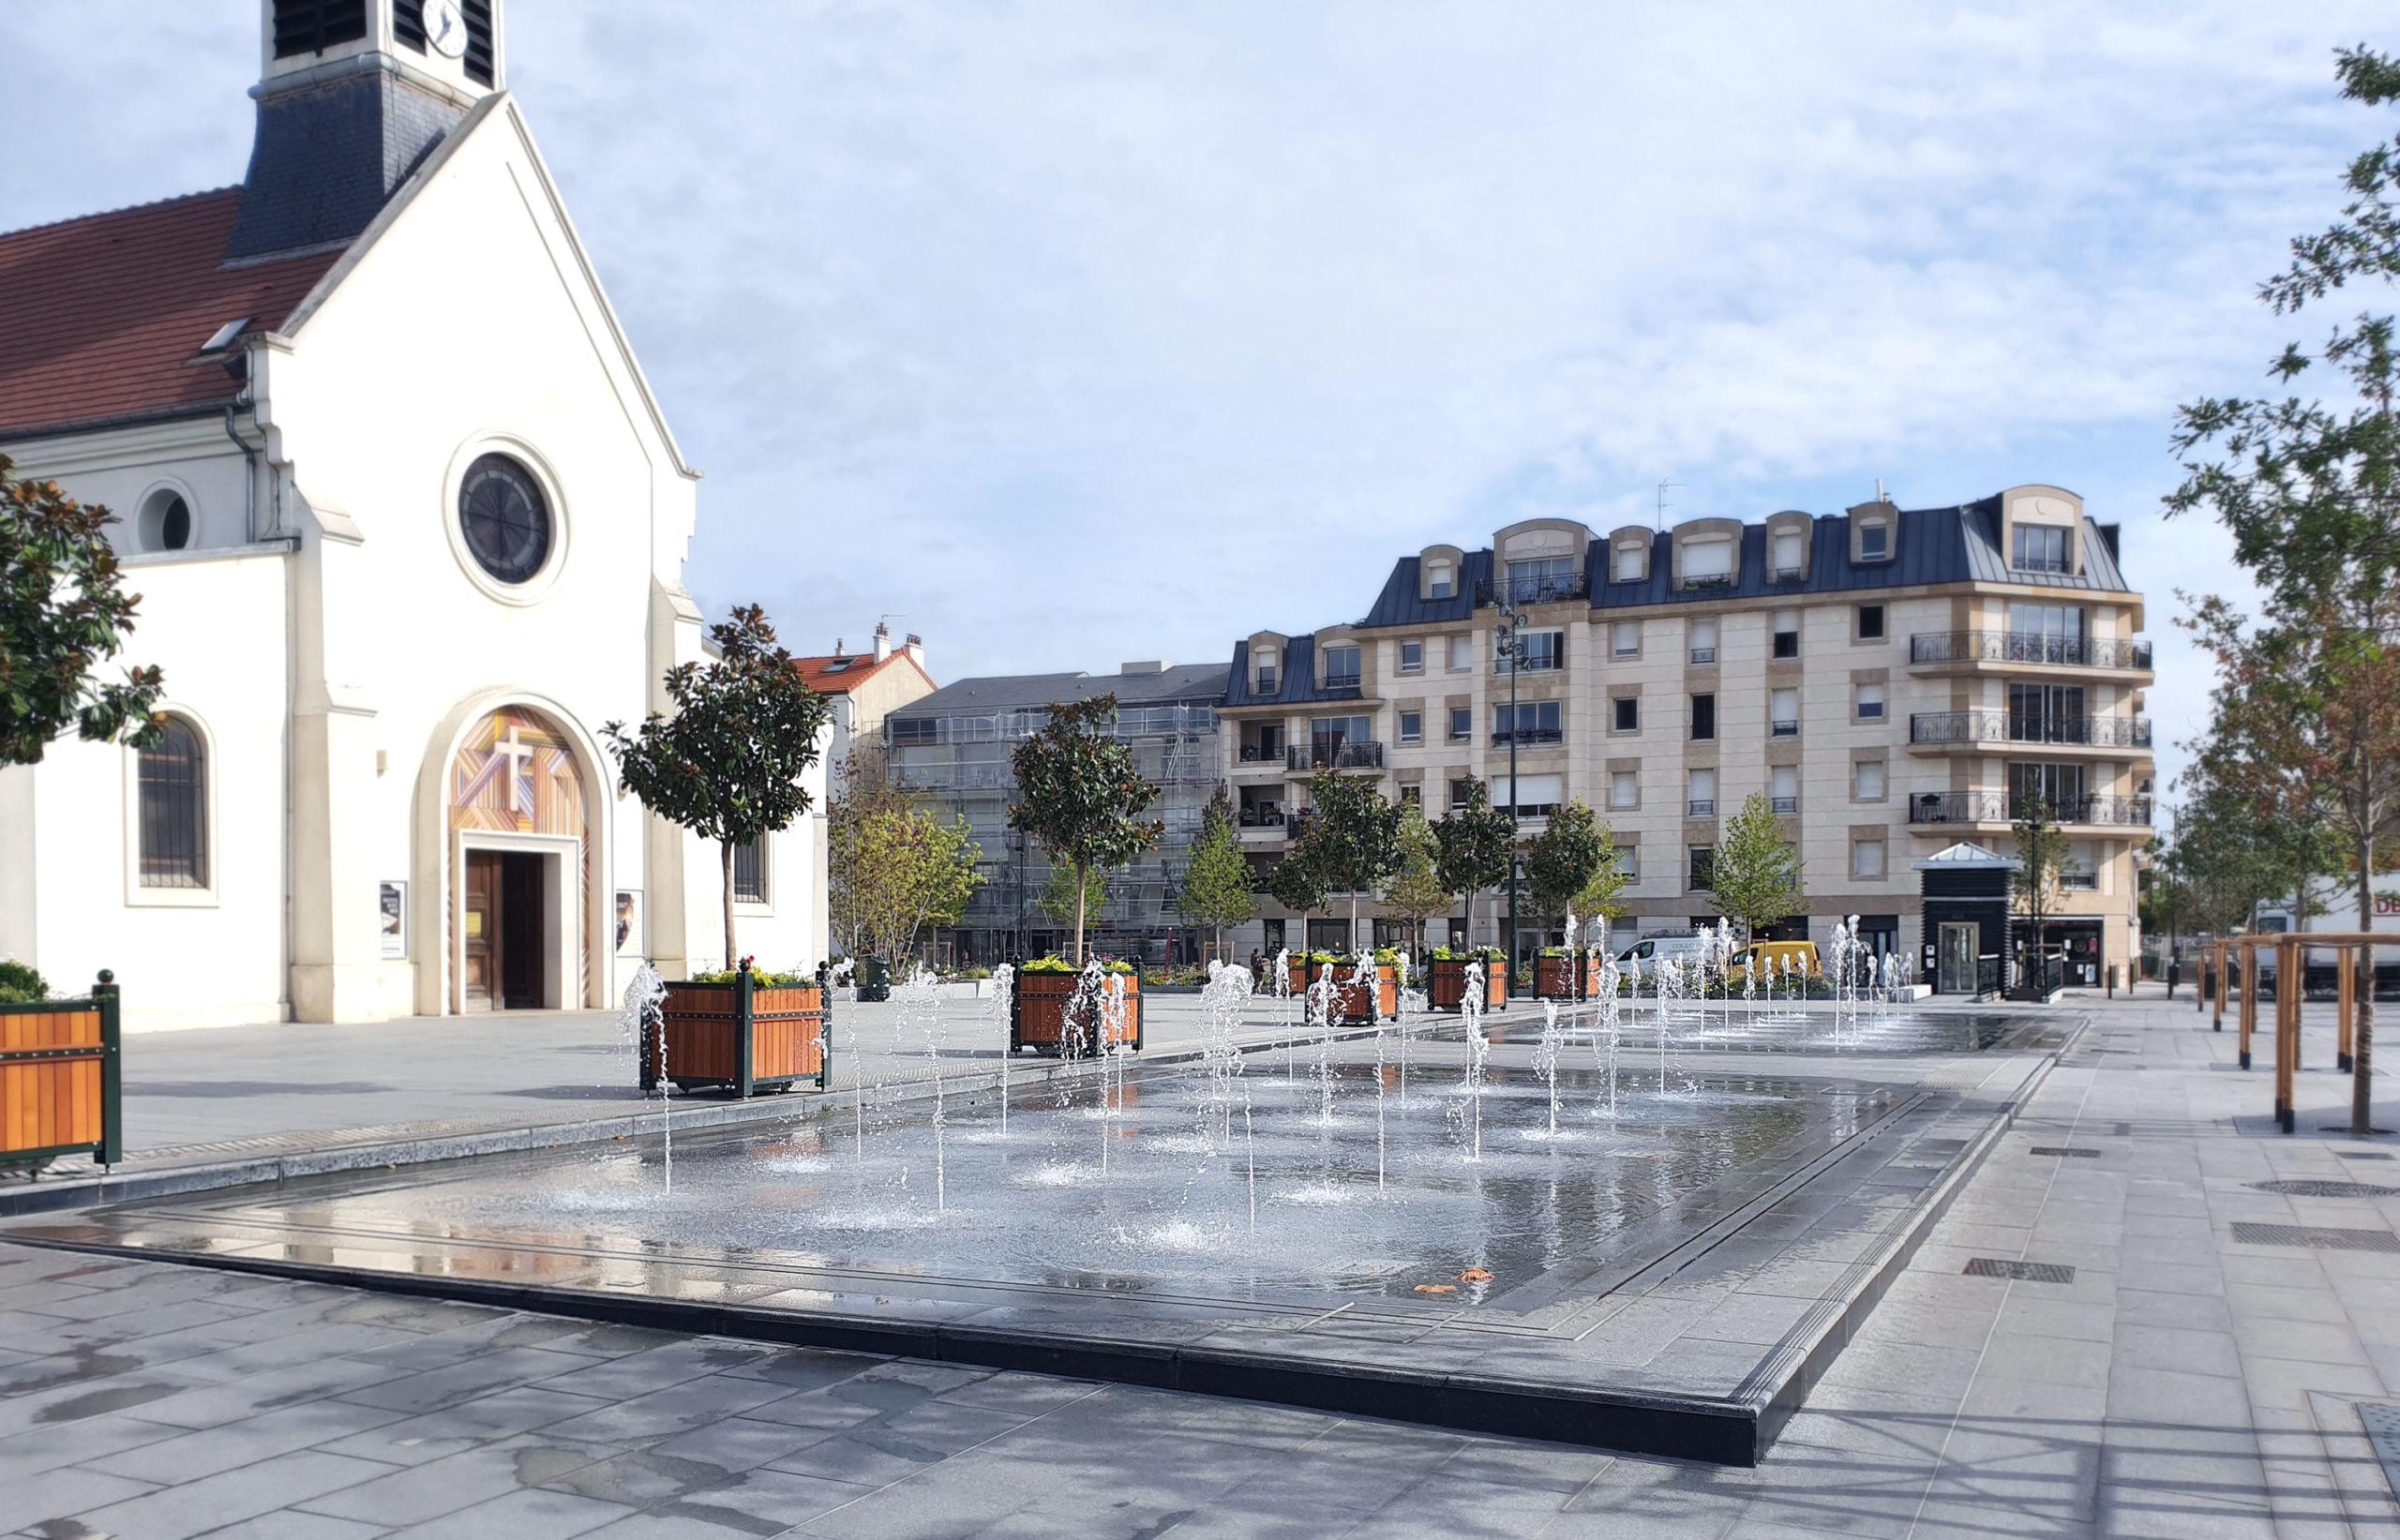 La Garenne-Colombes Place de la Liberté (92)